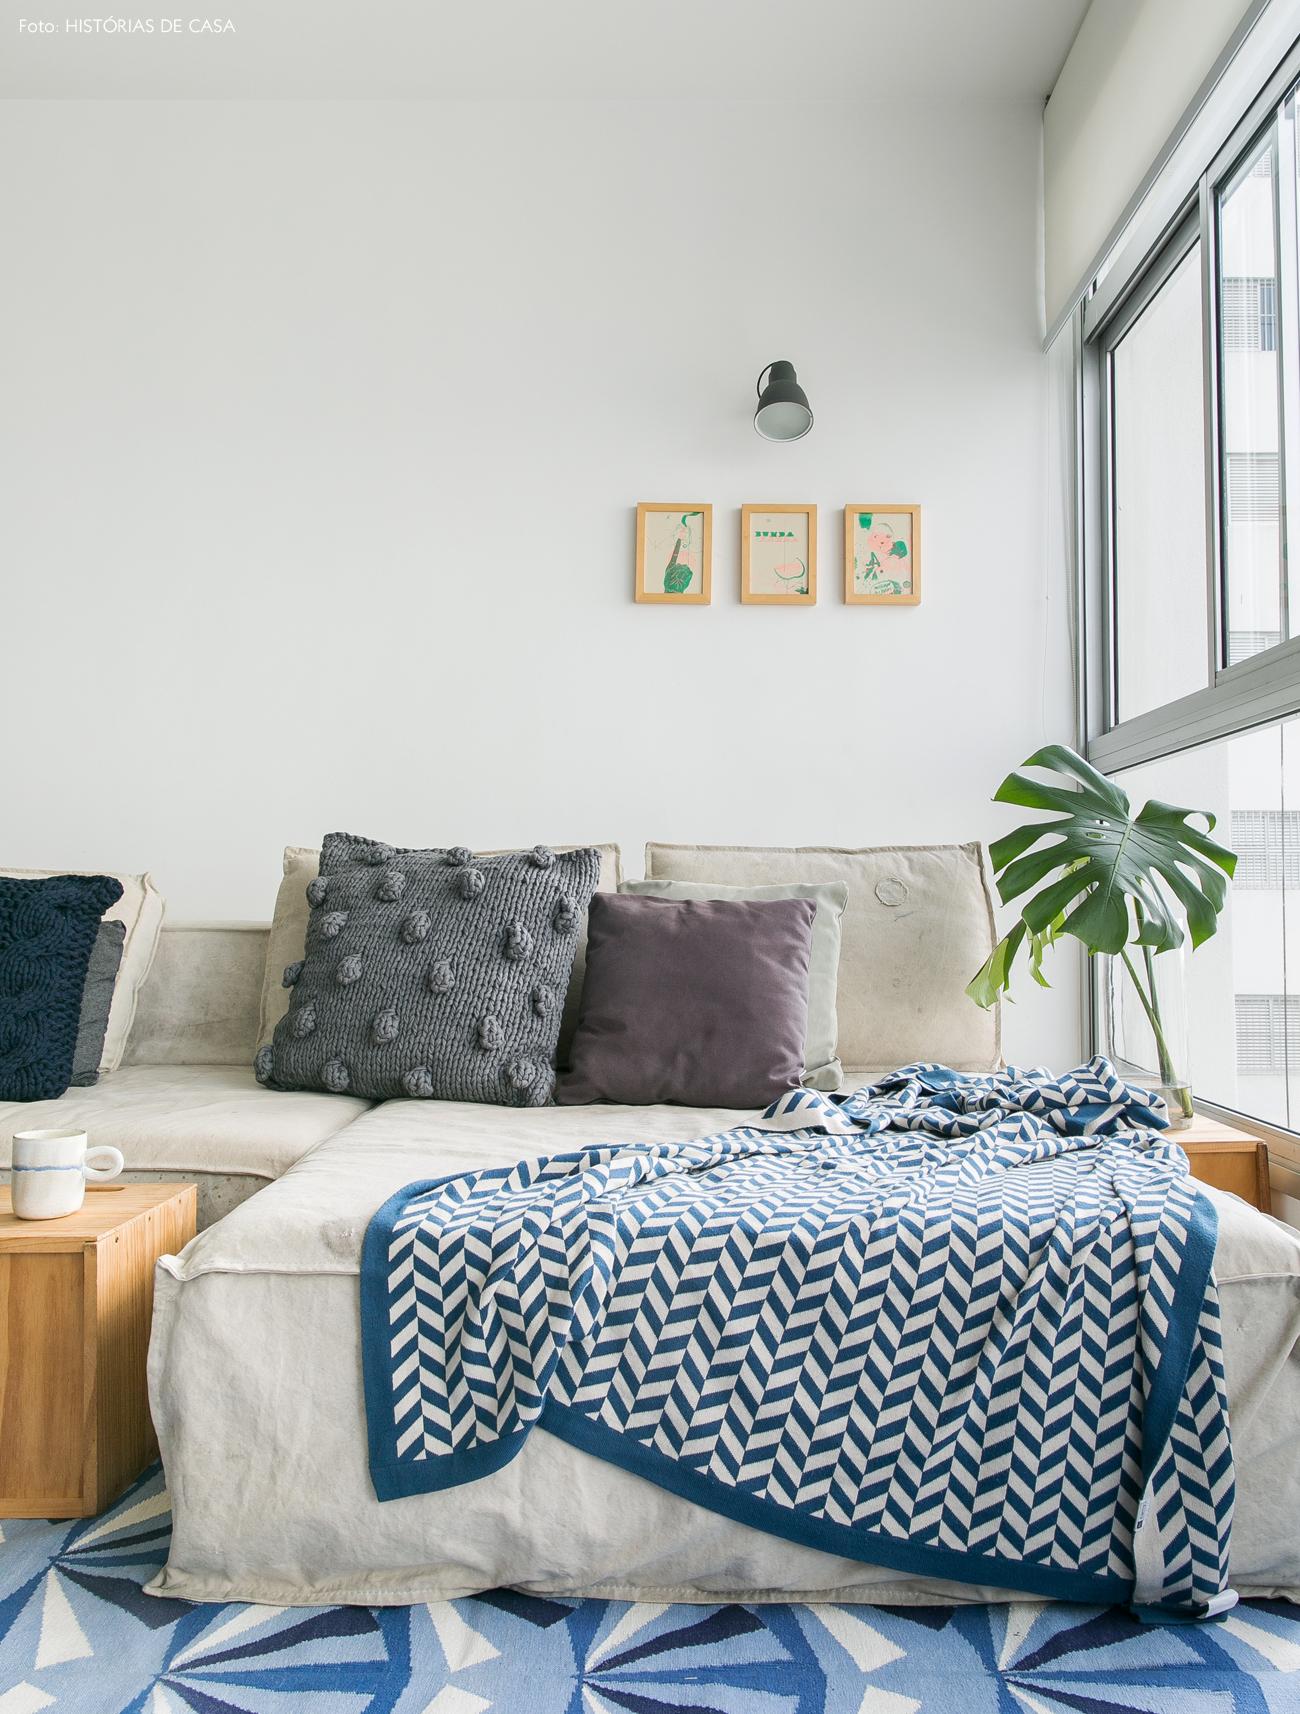 12-decoracao-apartamento-integrado-sofa-lona-almofadas-trico